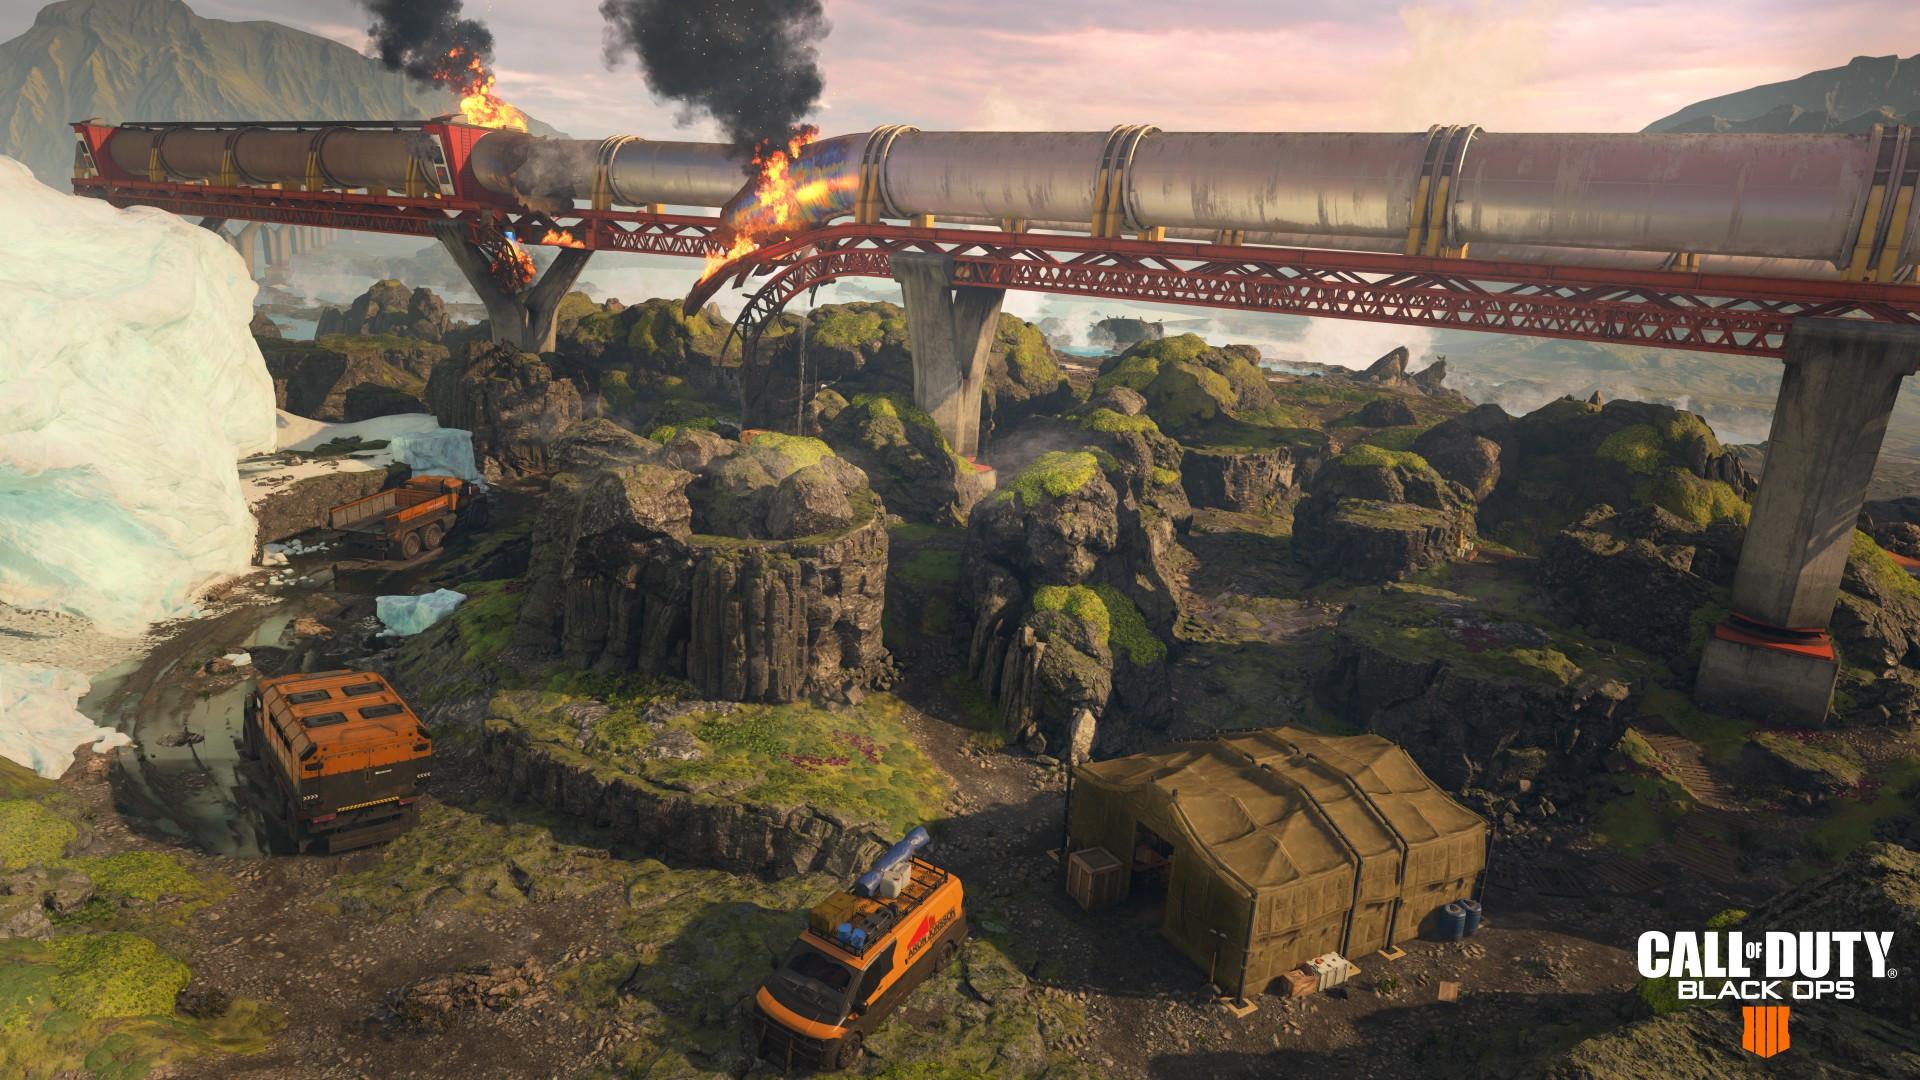 Call of Duty: Black Ops 4 - Operação Spectre Rising